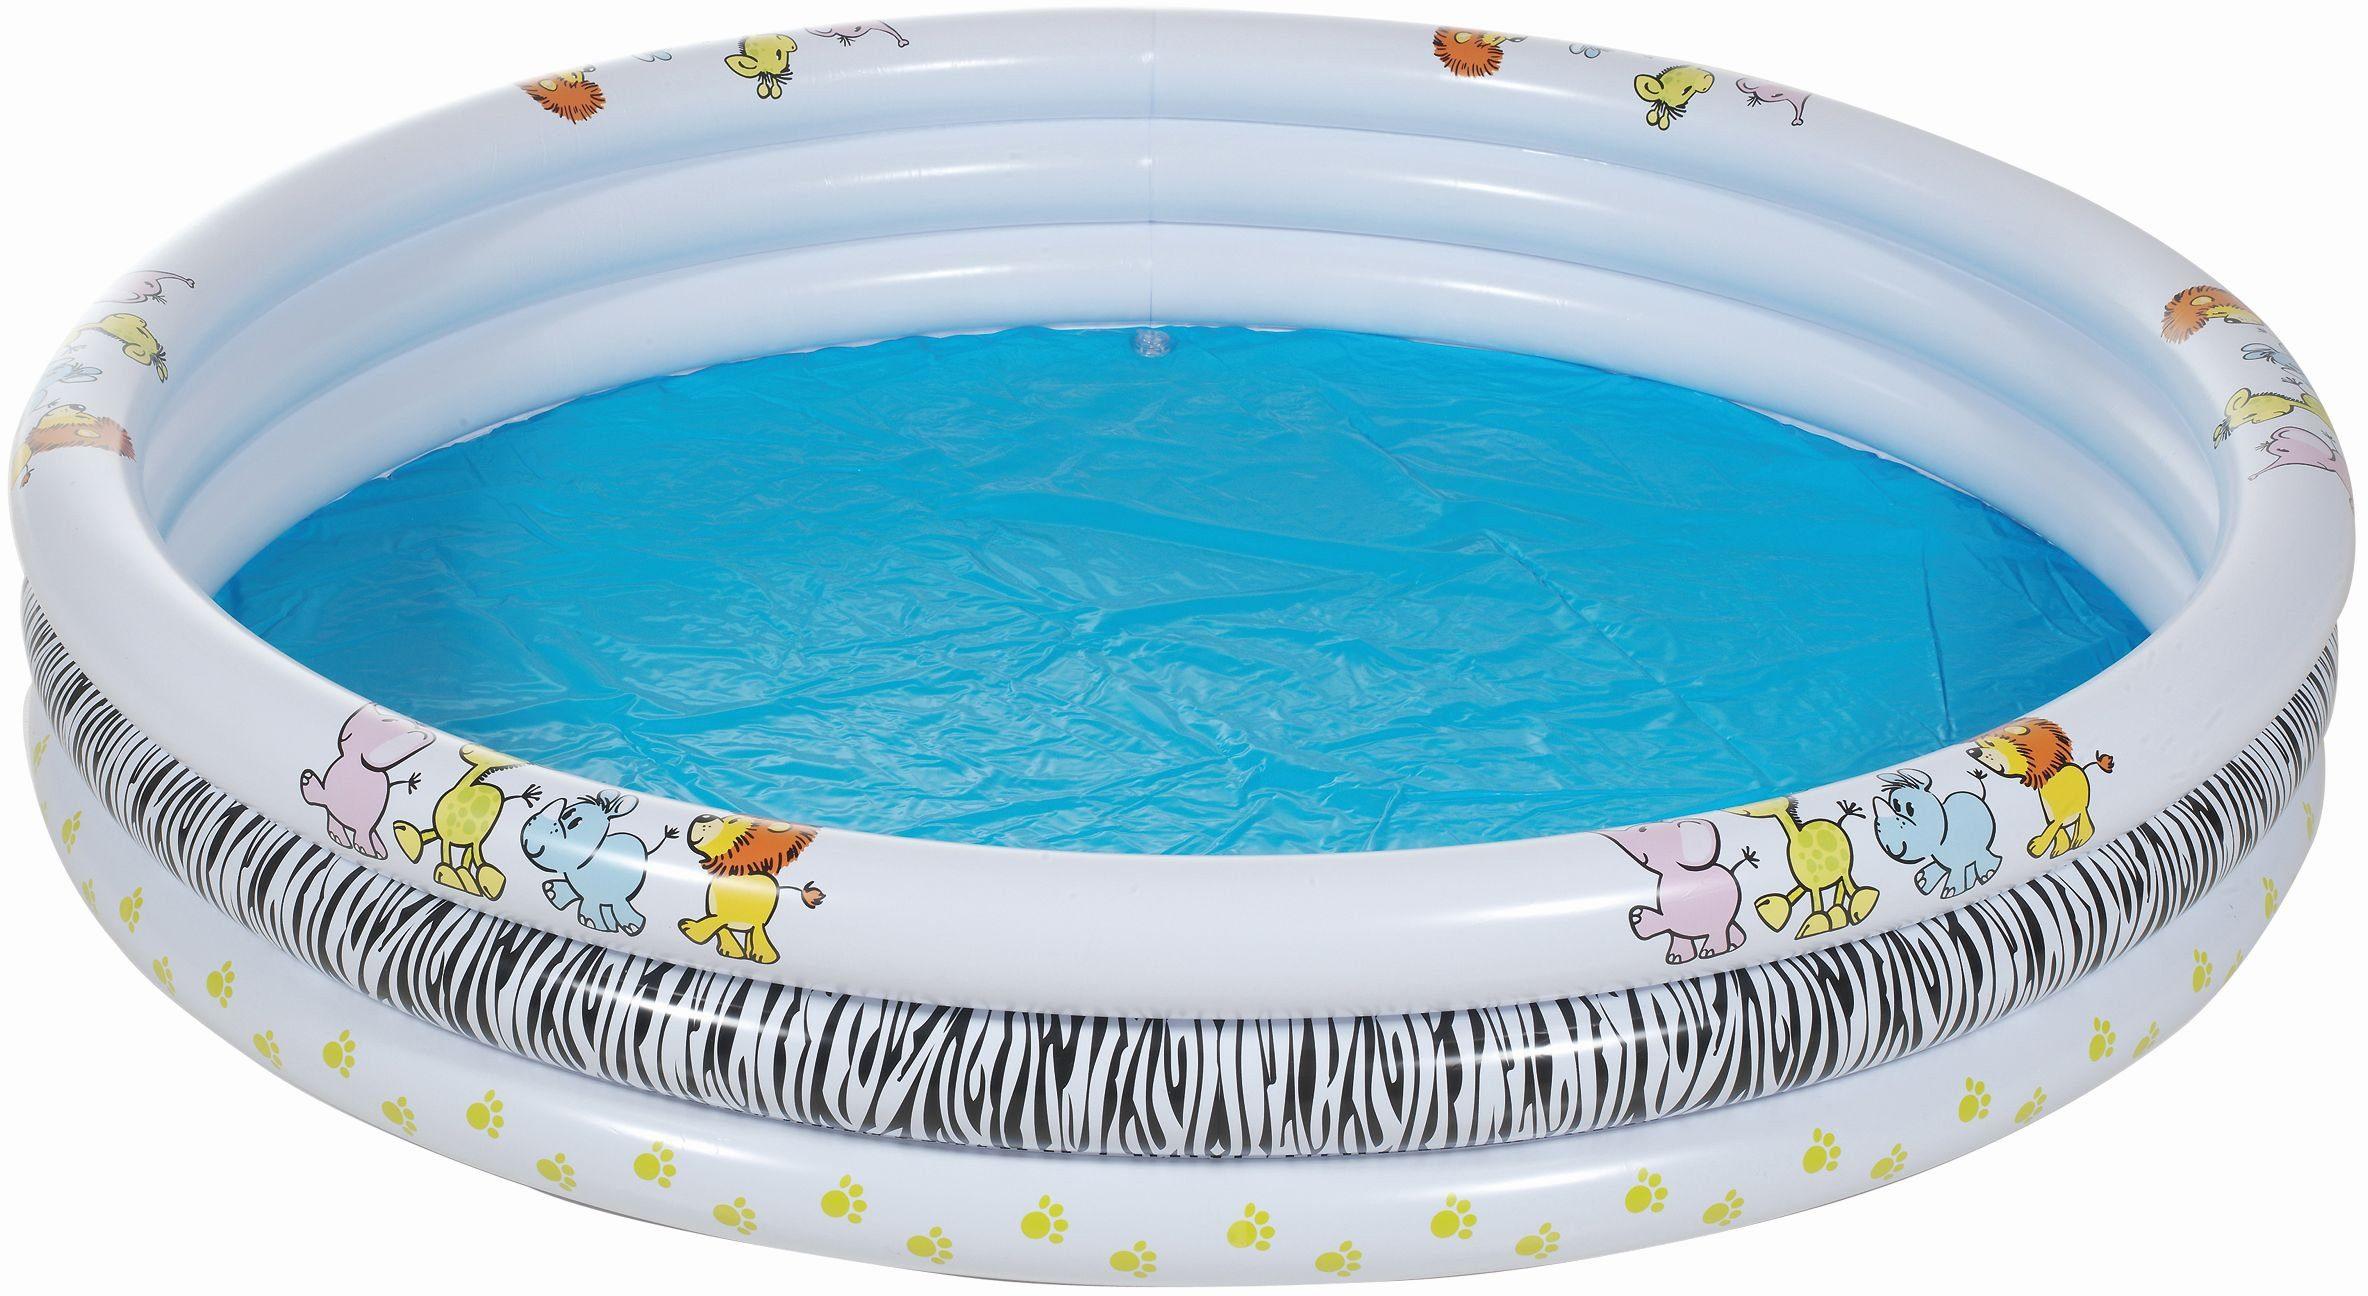 Royalbeach® Planschbecken, Ø ca. 170 cm, »Basic-Pool Safari«